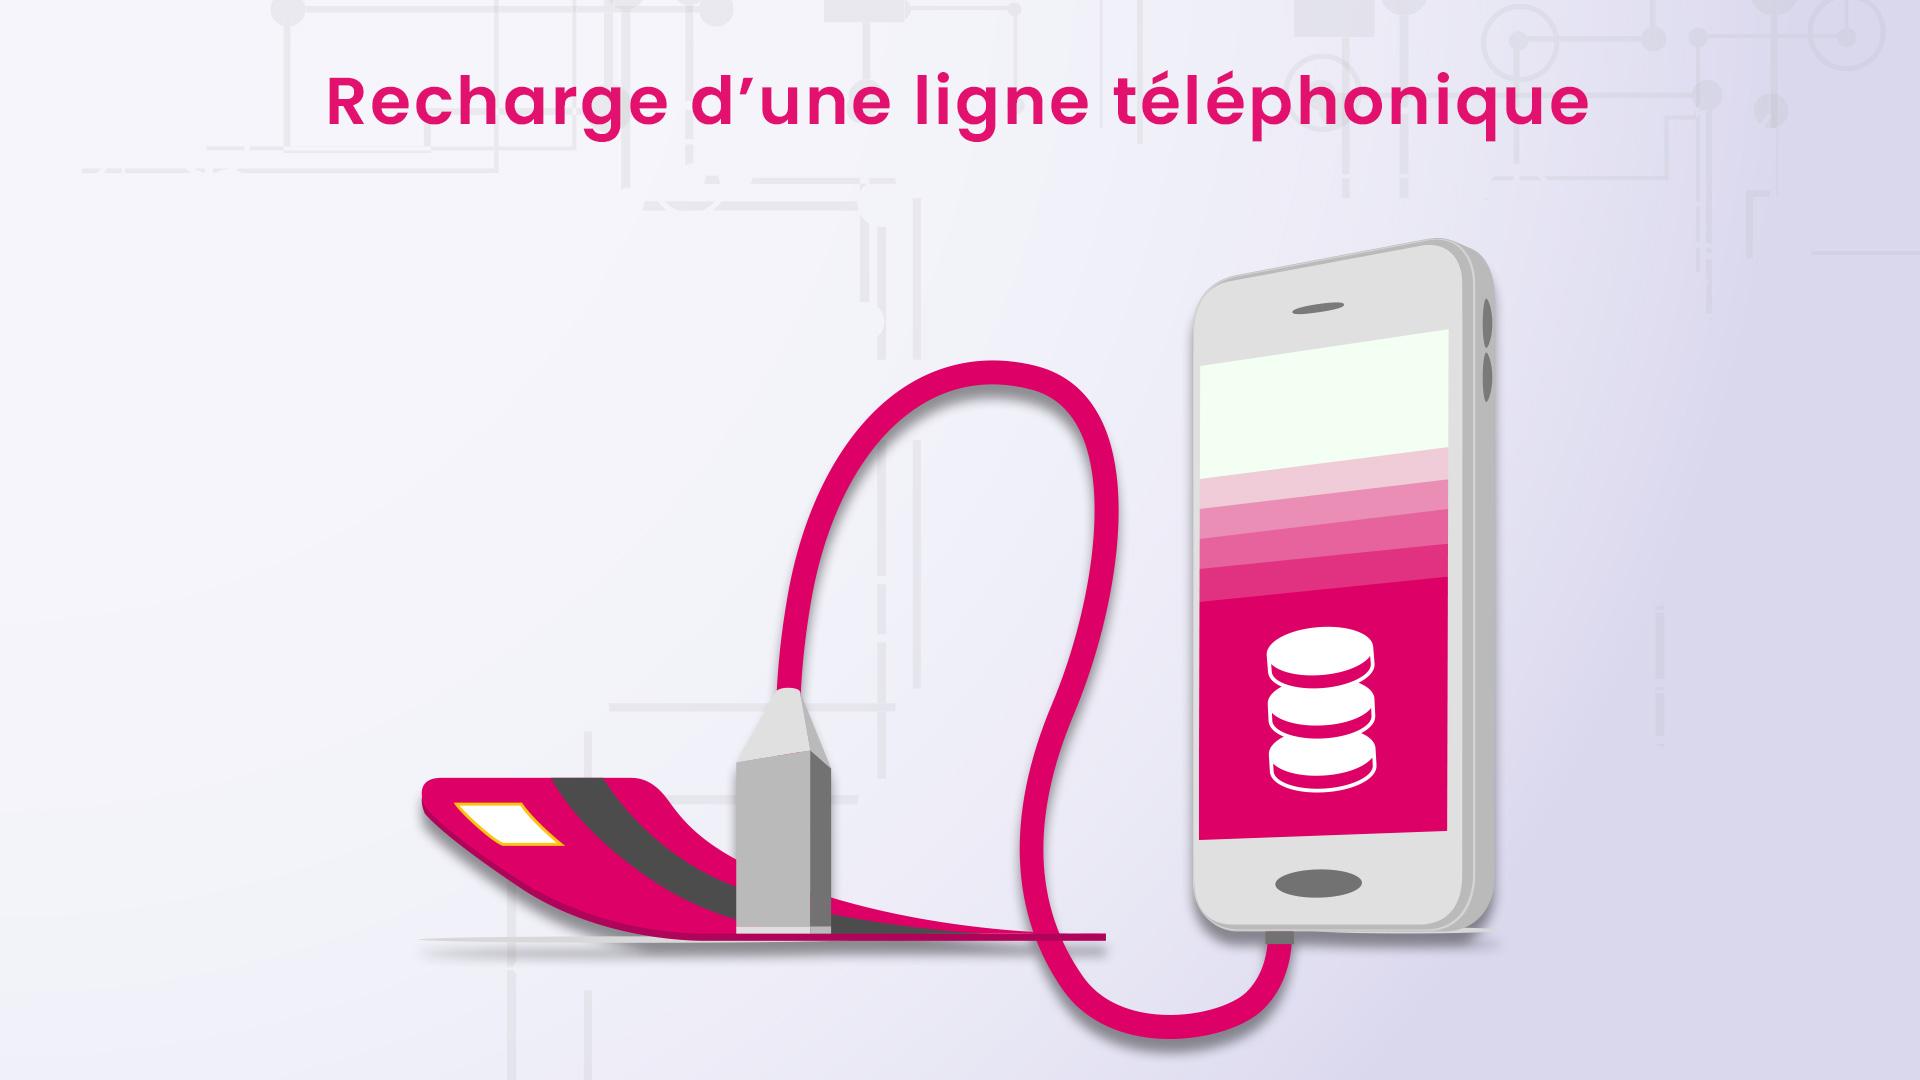 8-Recharge-d'une-ligne-téléphonique